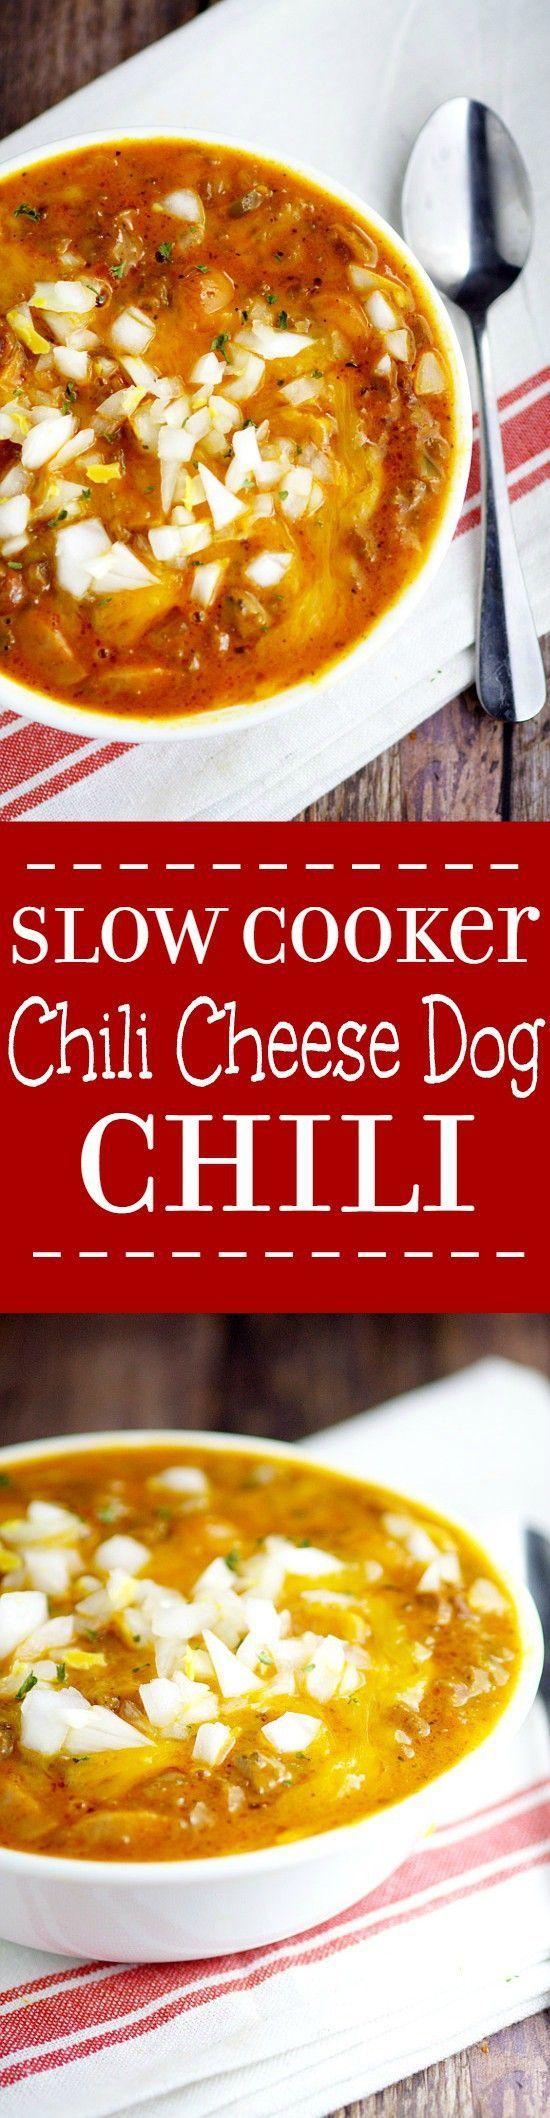 Juegos sexuales chili dog